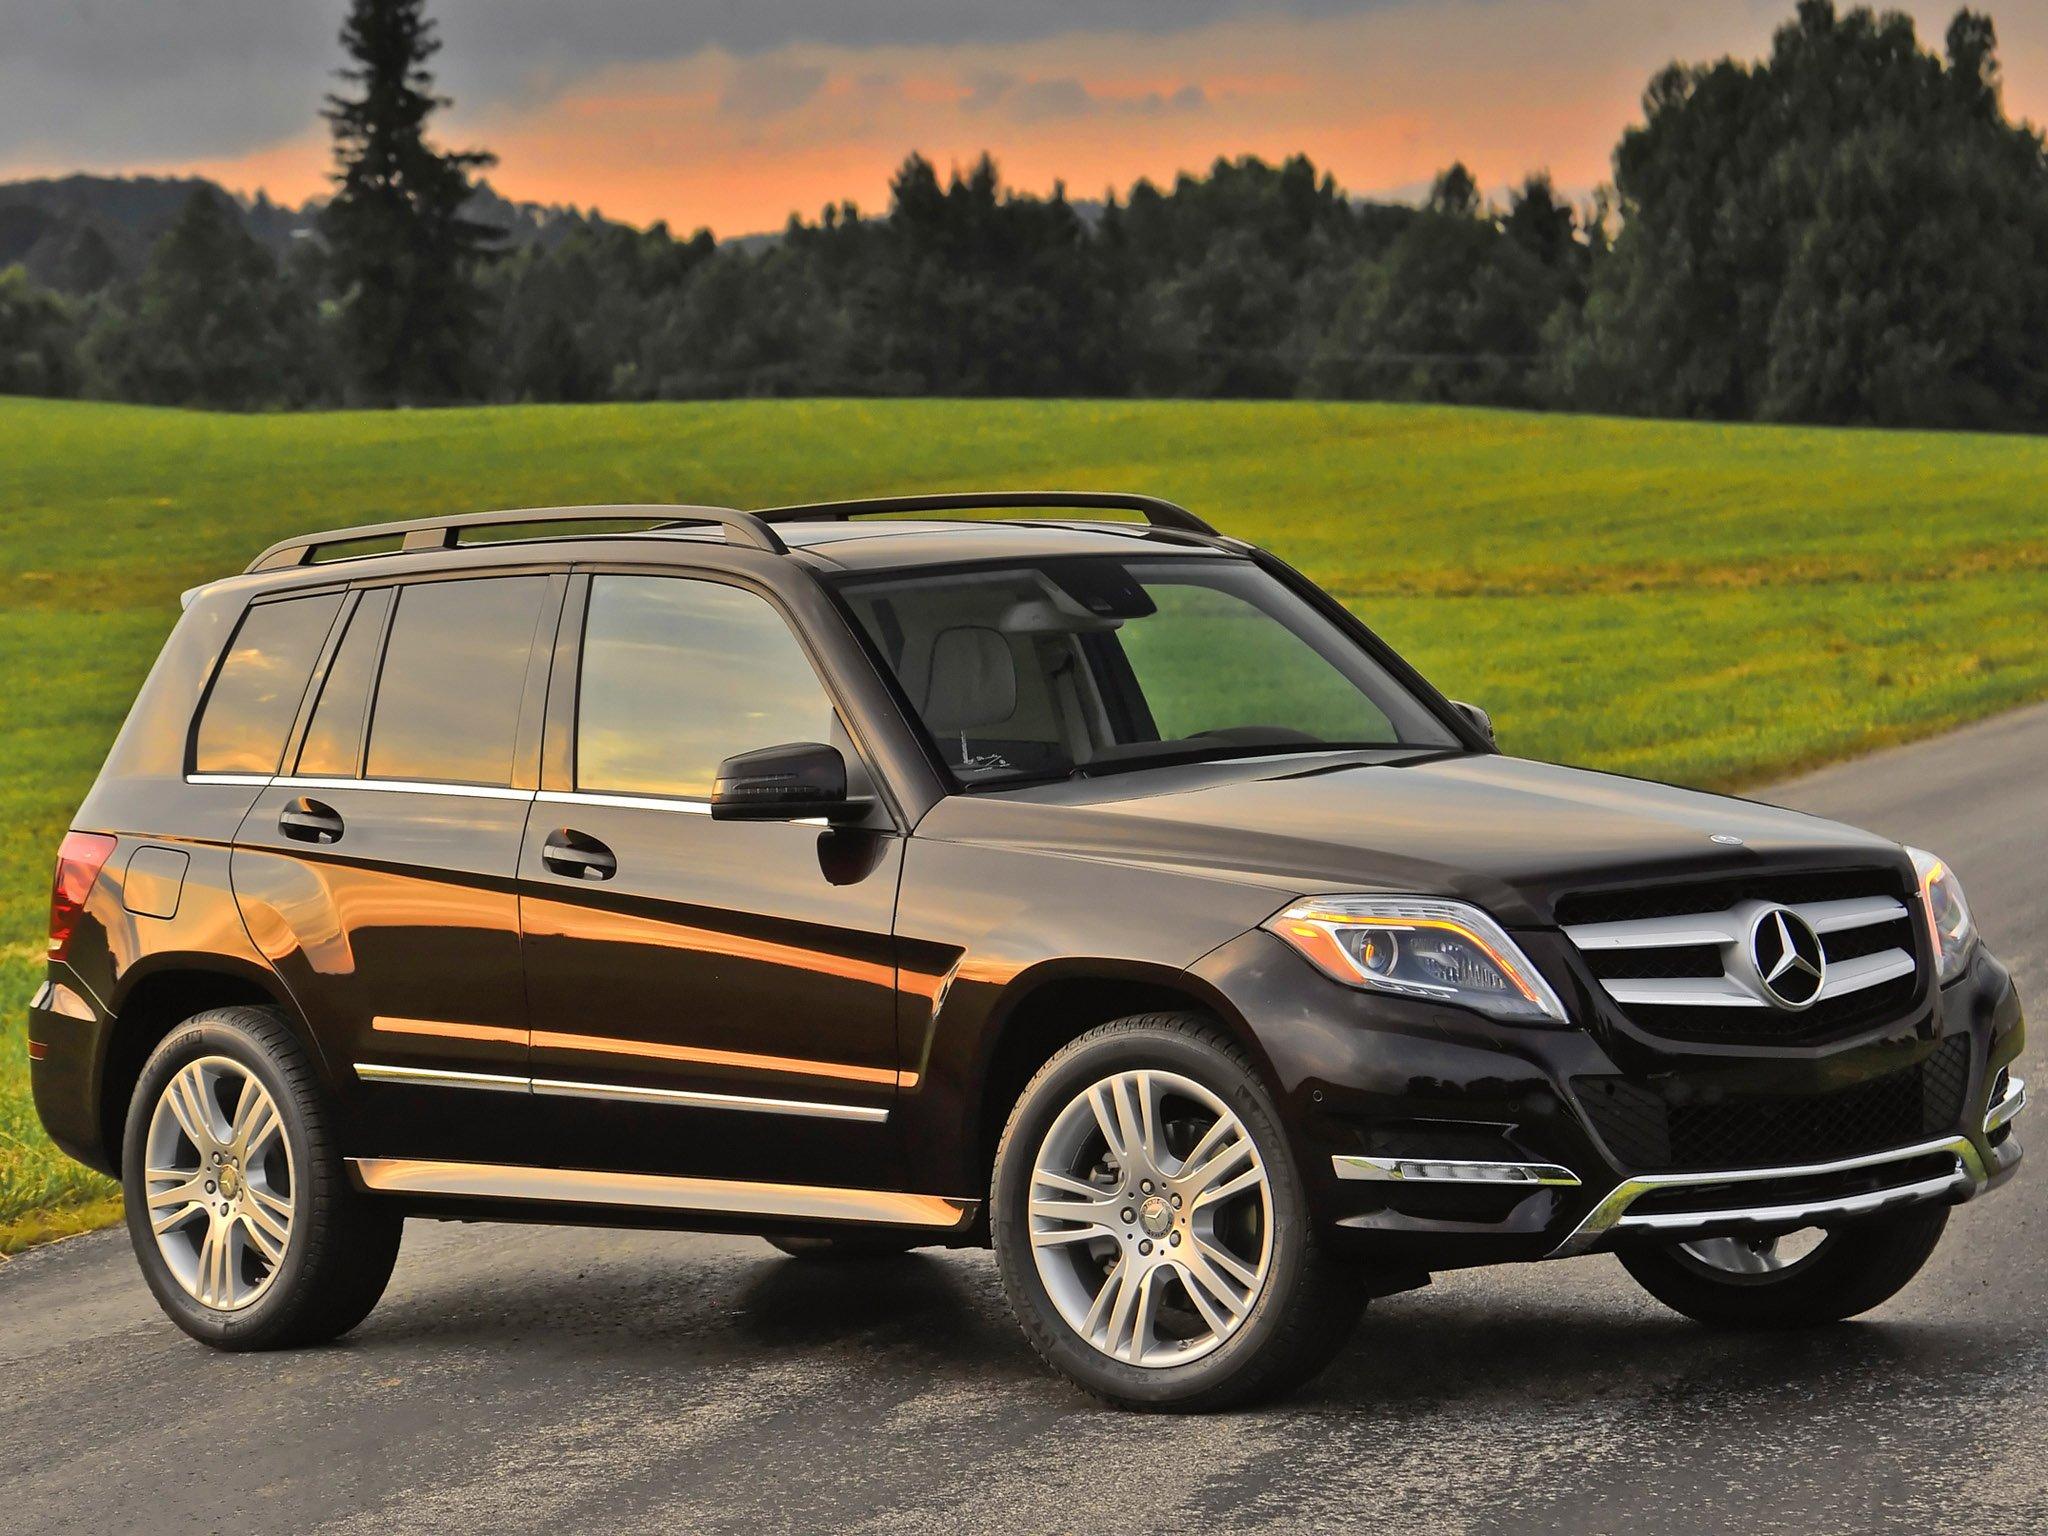 Автомобили Mercedes-Benz GLC подорожали в РФ на 30-130 тыс. рублей